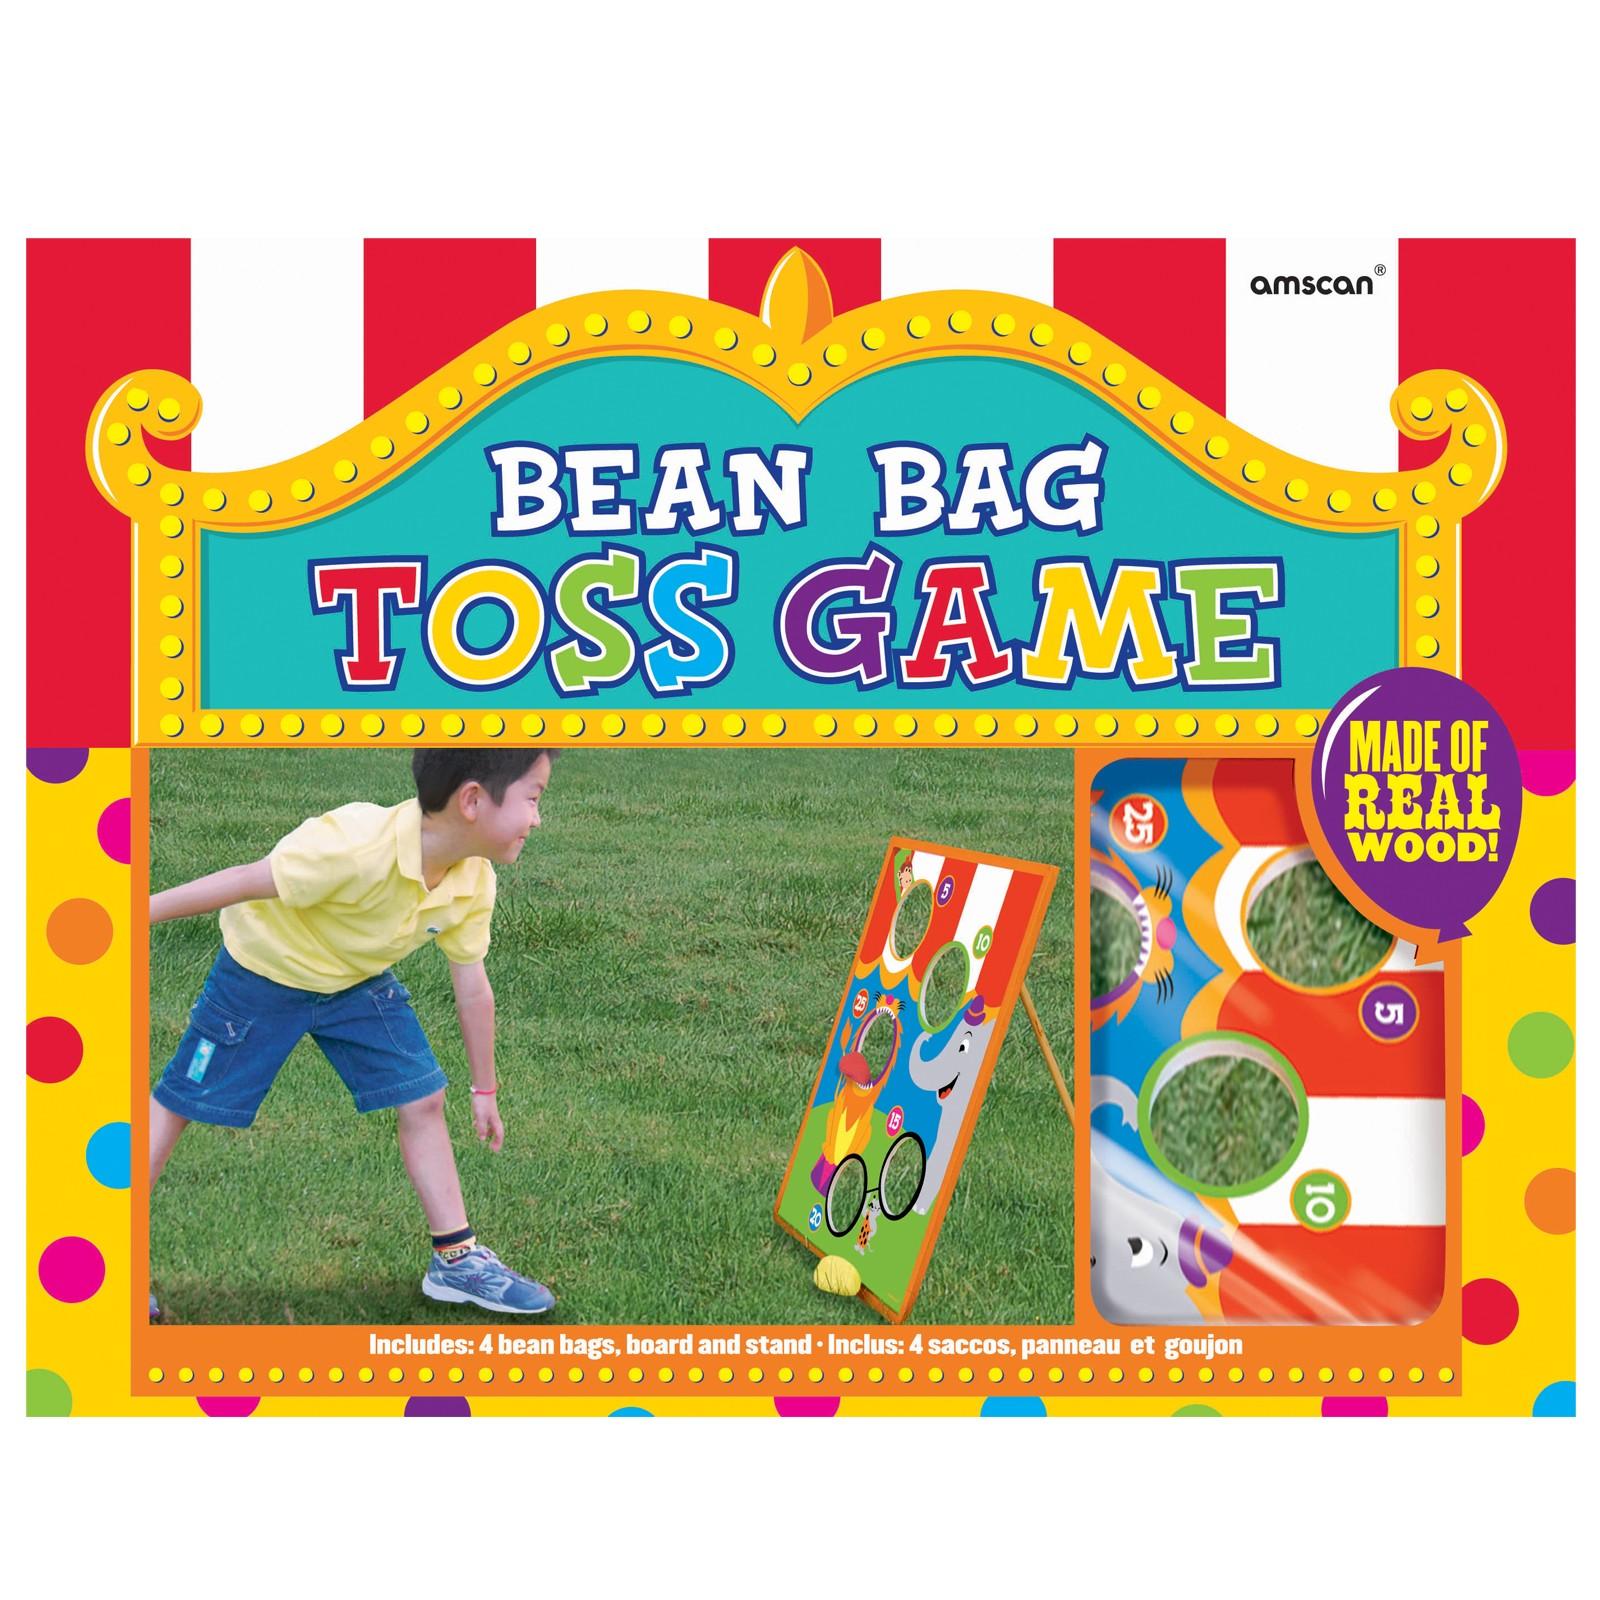 Carneval clipart bean bag toss Toss com Bean collection bag